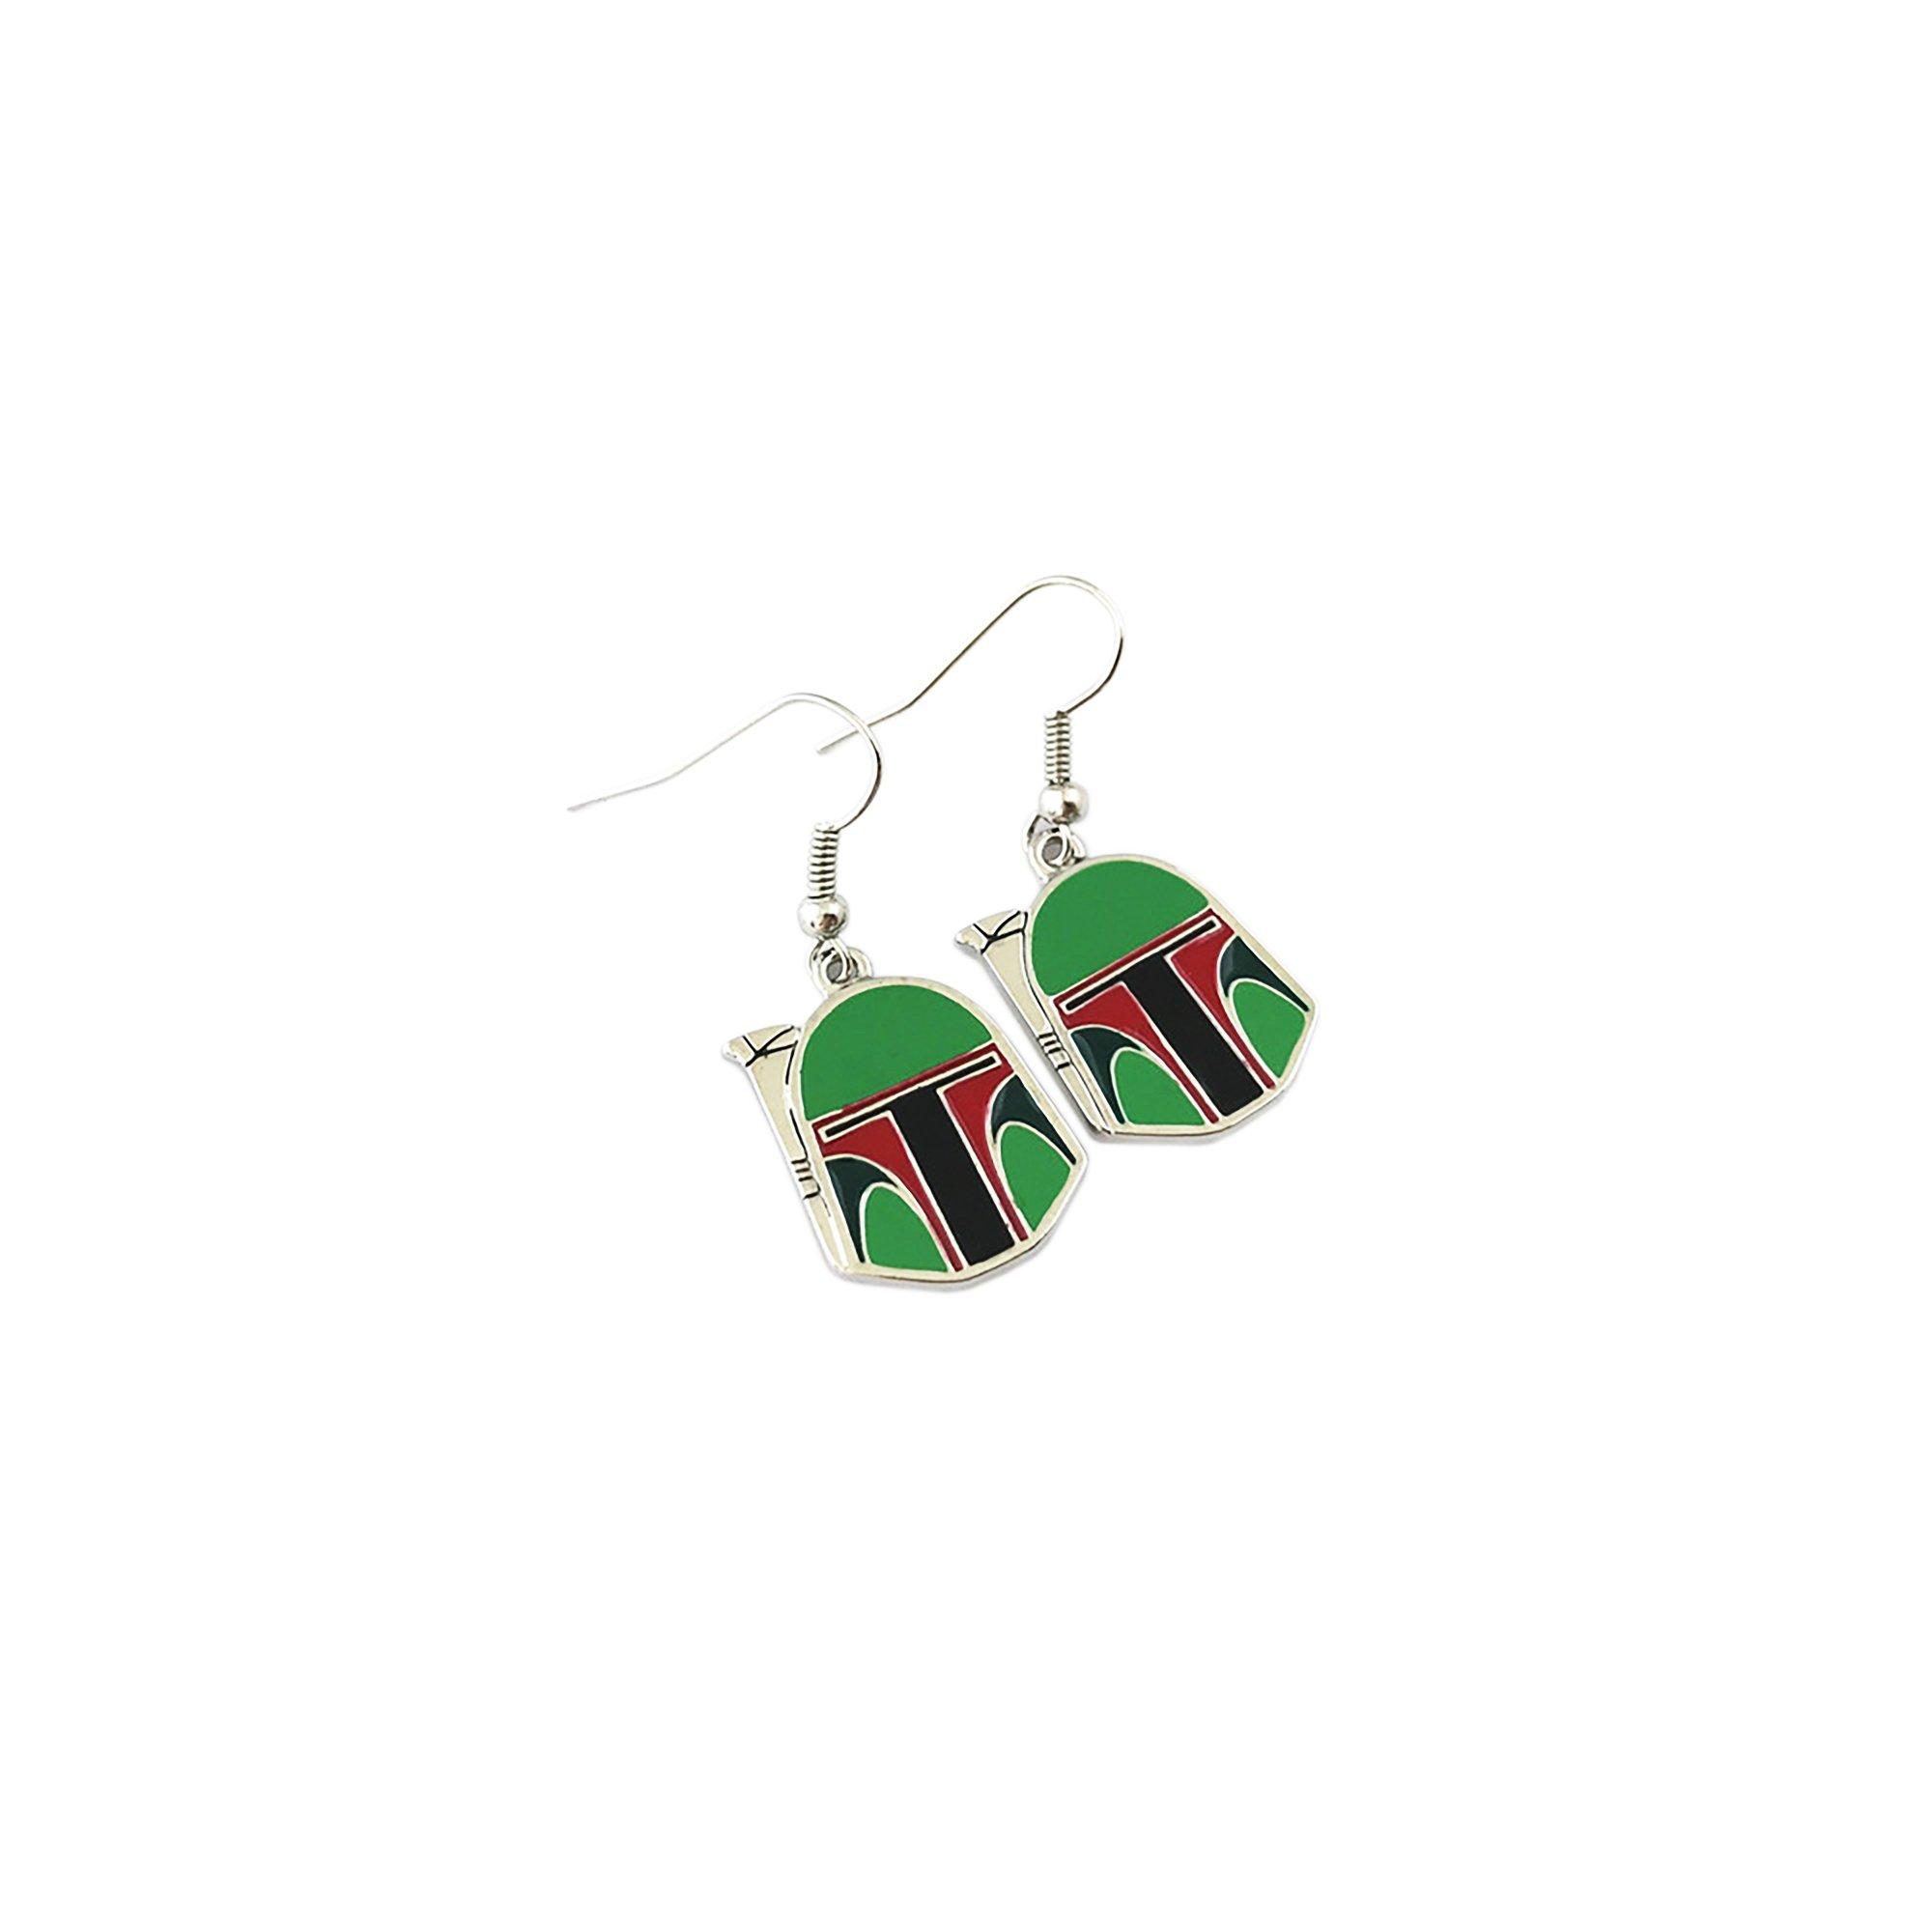 Outlander Star Wars Boba Fett Color Earring Dangles In Gift Box